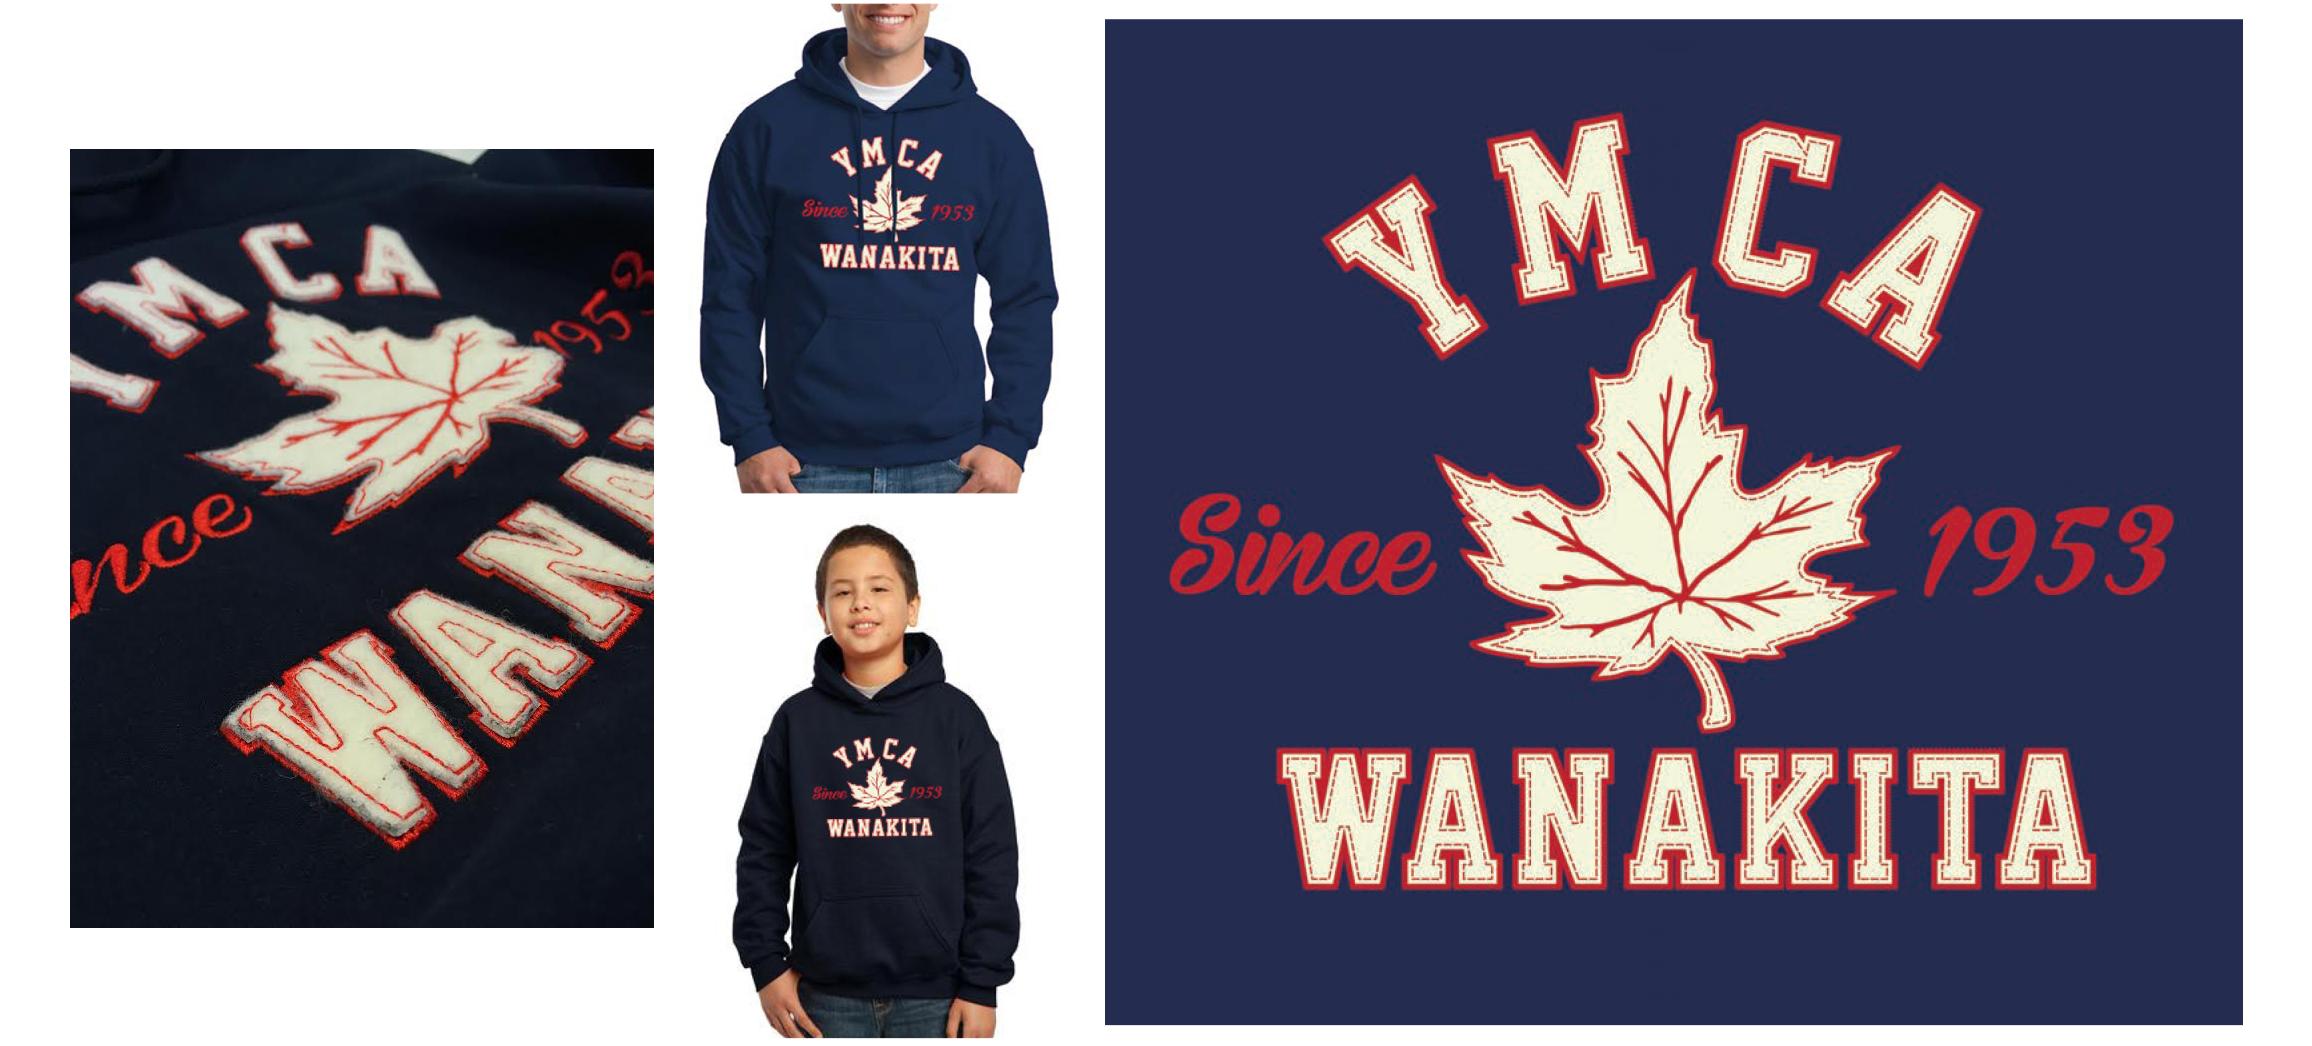 Wanakita_2014_v3-5